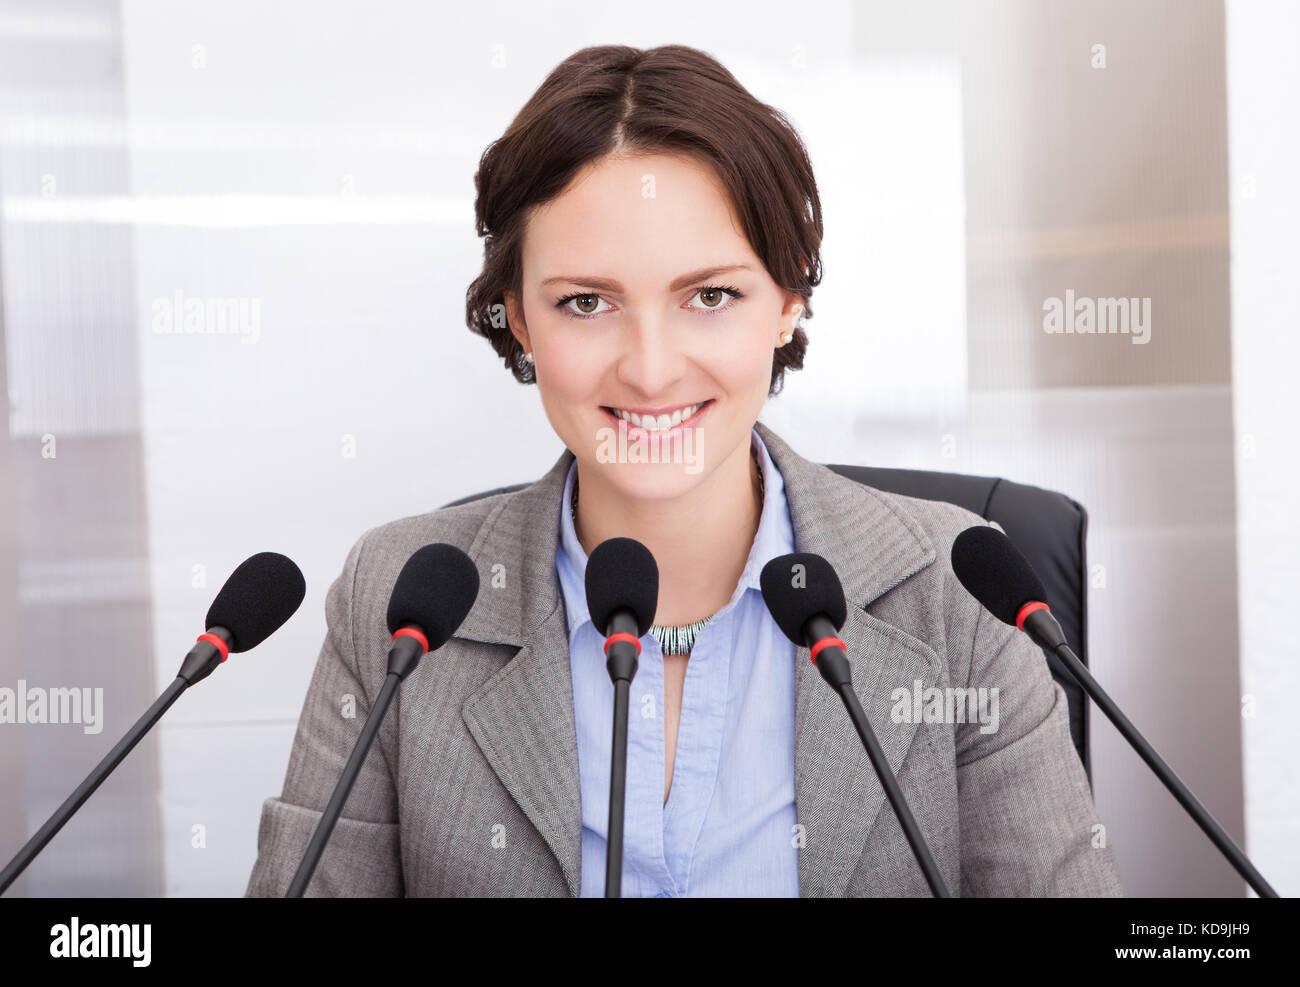 La empresaria sonriente sosteniendo el papel hablando delante de varios micrófonos Imagen De Stock